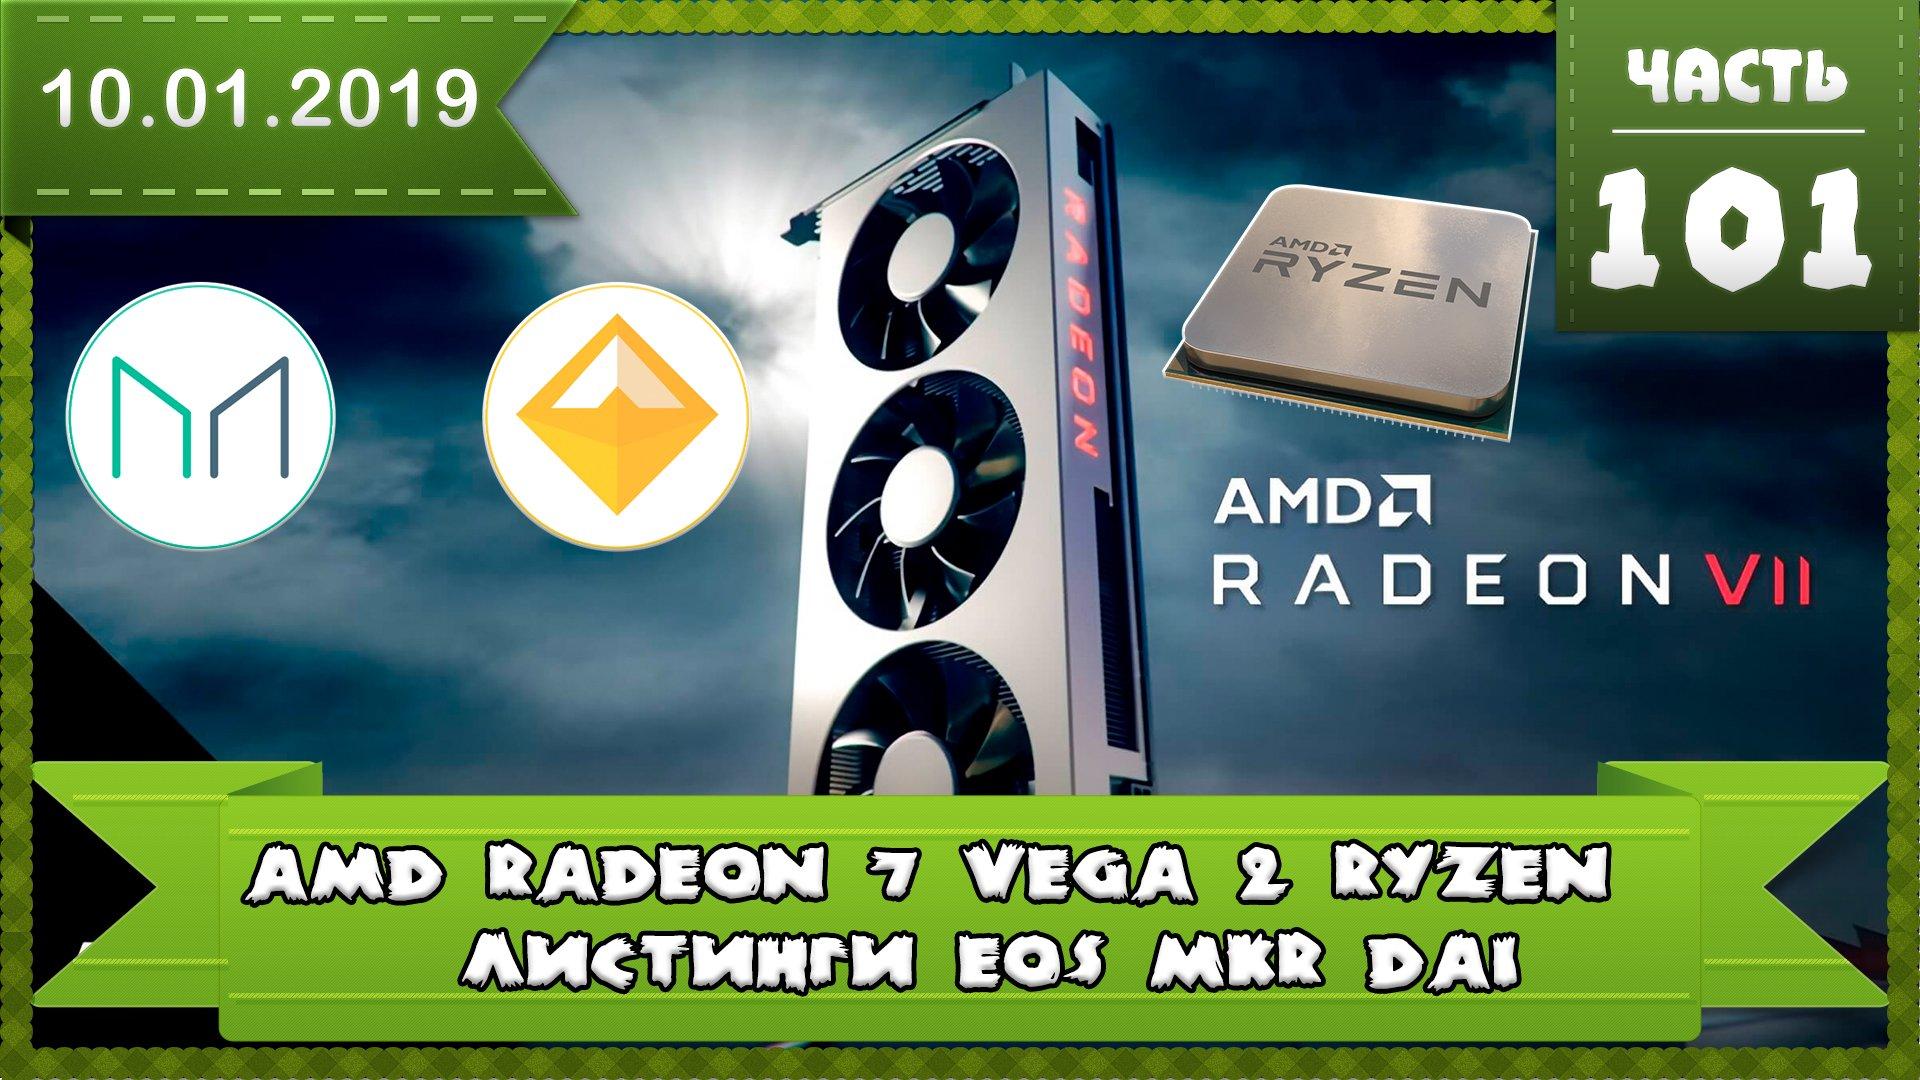 Новости с CES 2019 новые видеокарты AMD Radeon 7 (Vega 2) Листинги Dai (DAI), Maker (MKR), EOS (EOS)